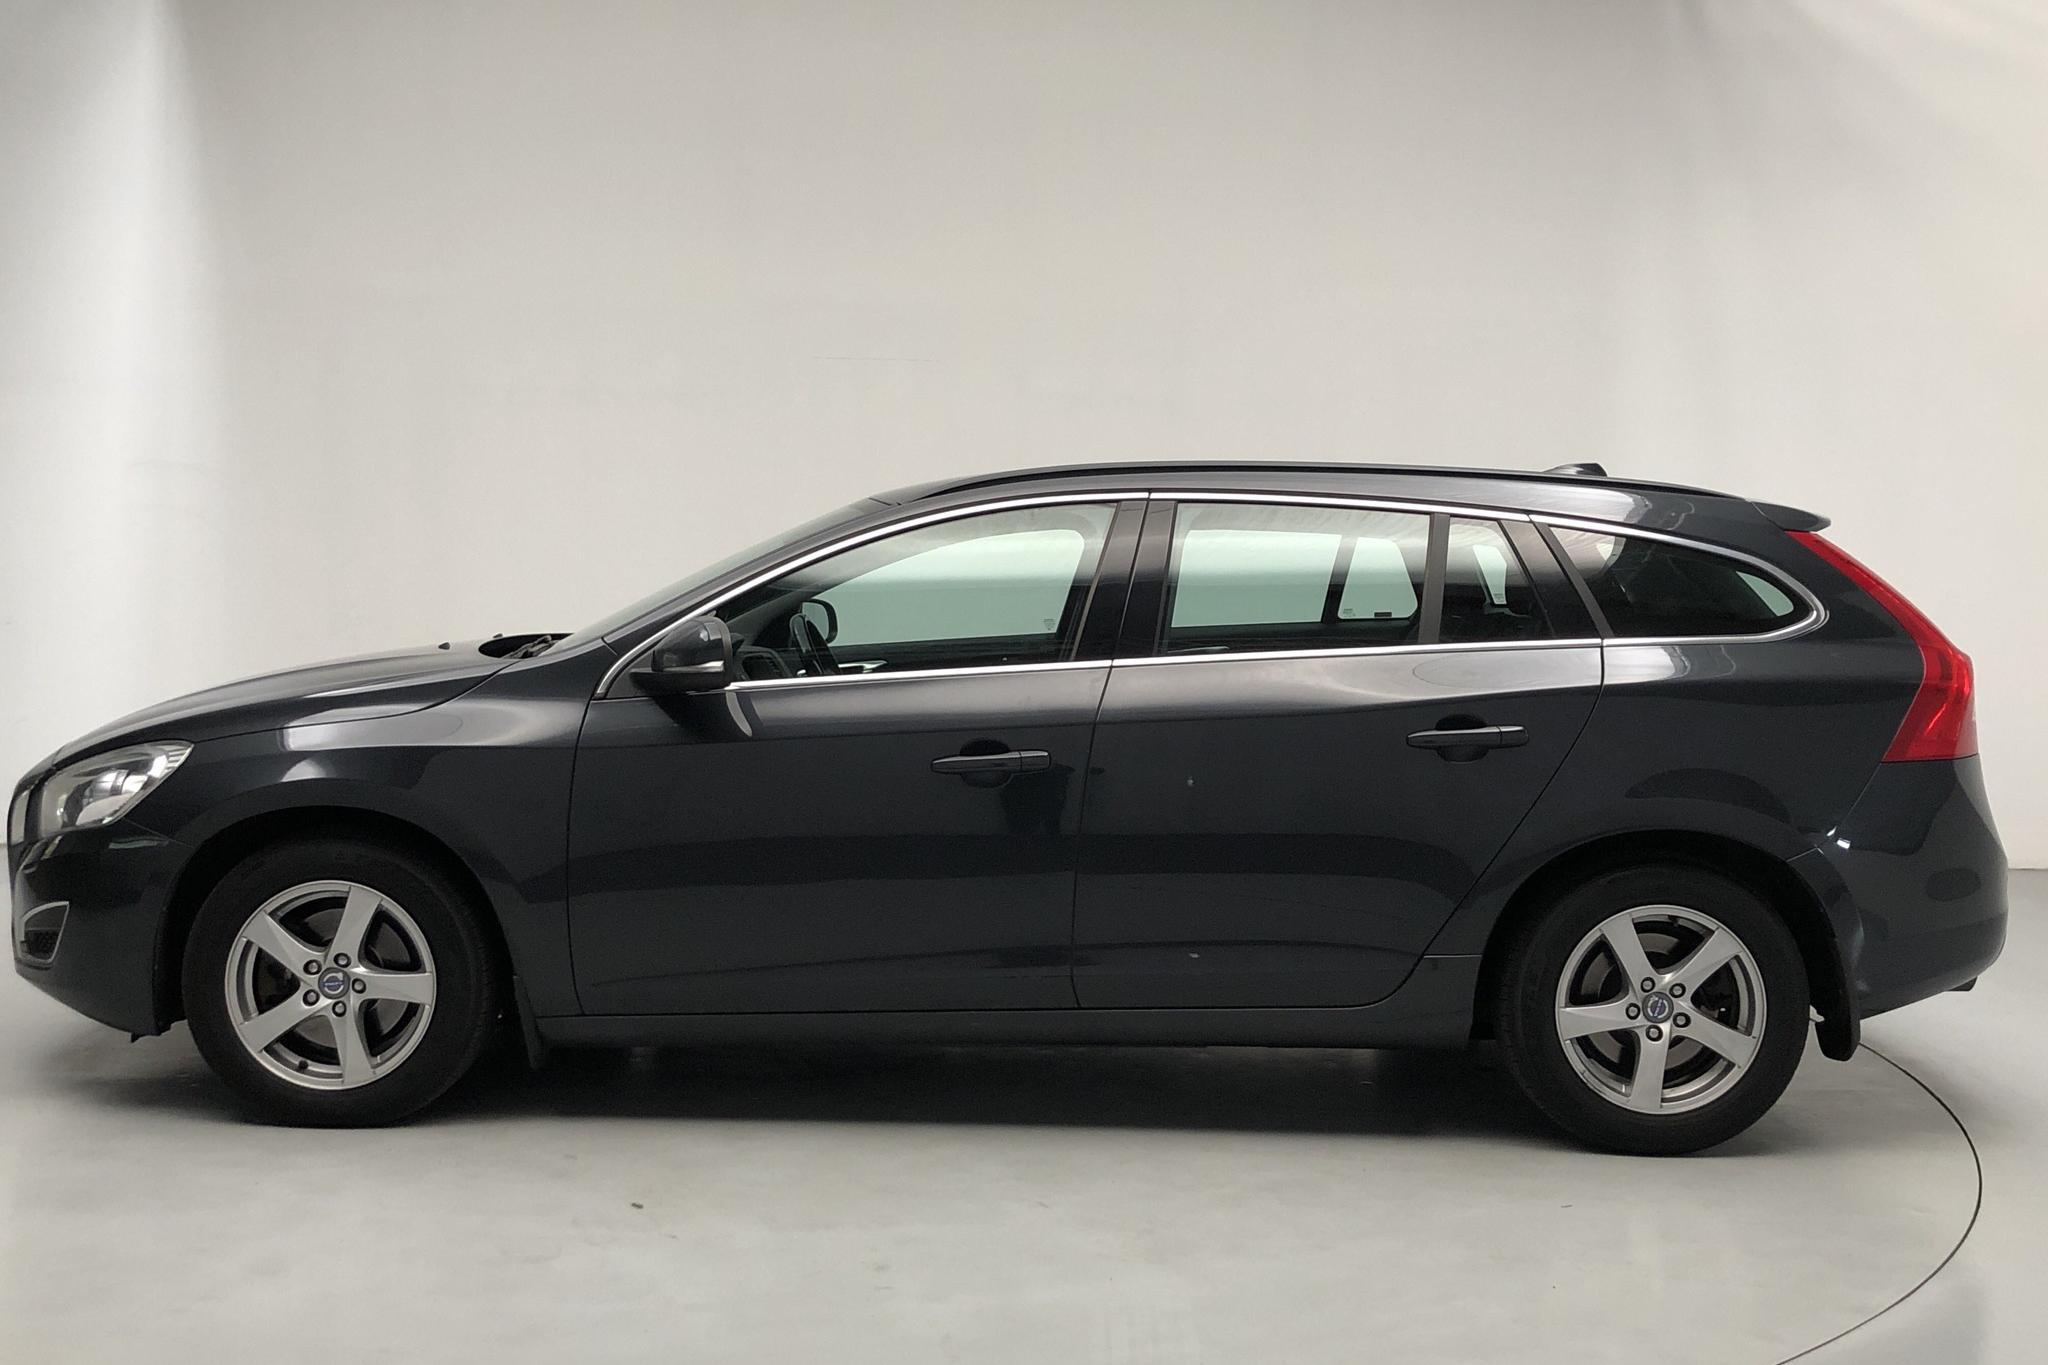 Volvo V60 D3 (163hk) - 188 880 km - Manual - gray - 2012